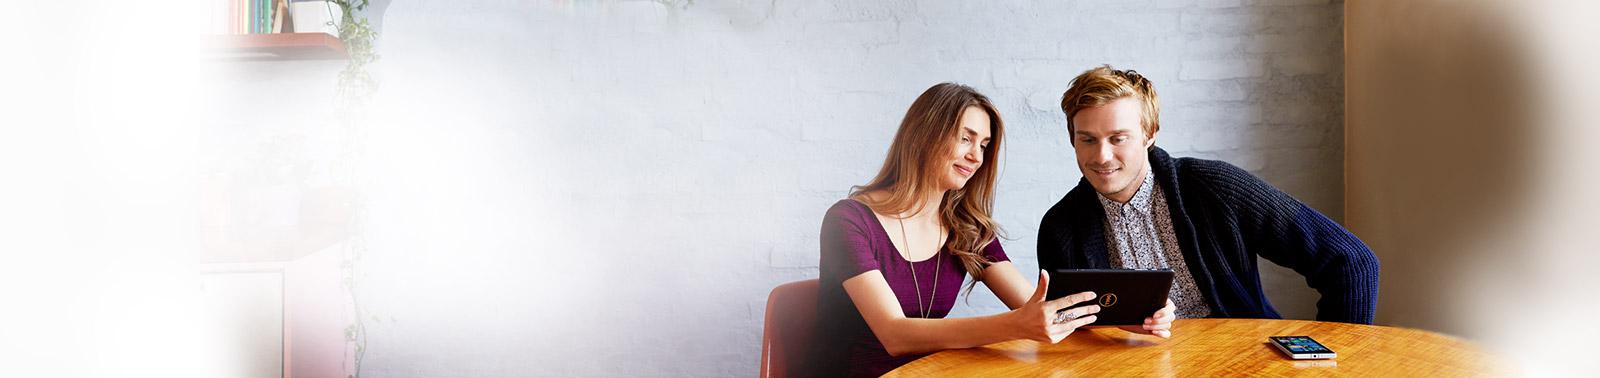 Donna seduta a un tavolo che mostra un tablet a un uomo di fianco a lei.